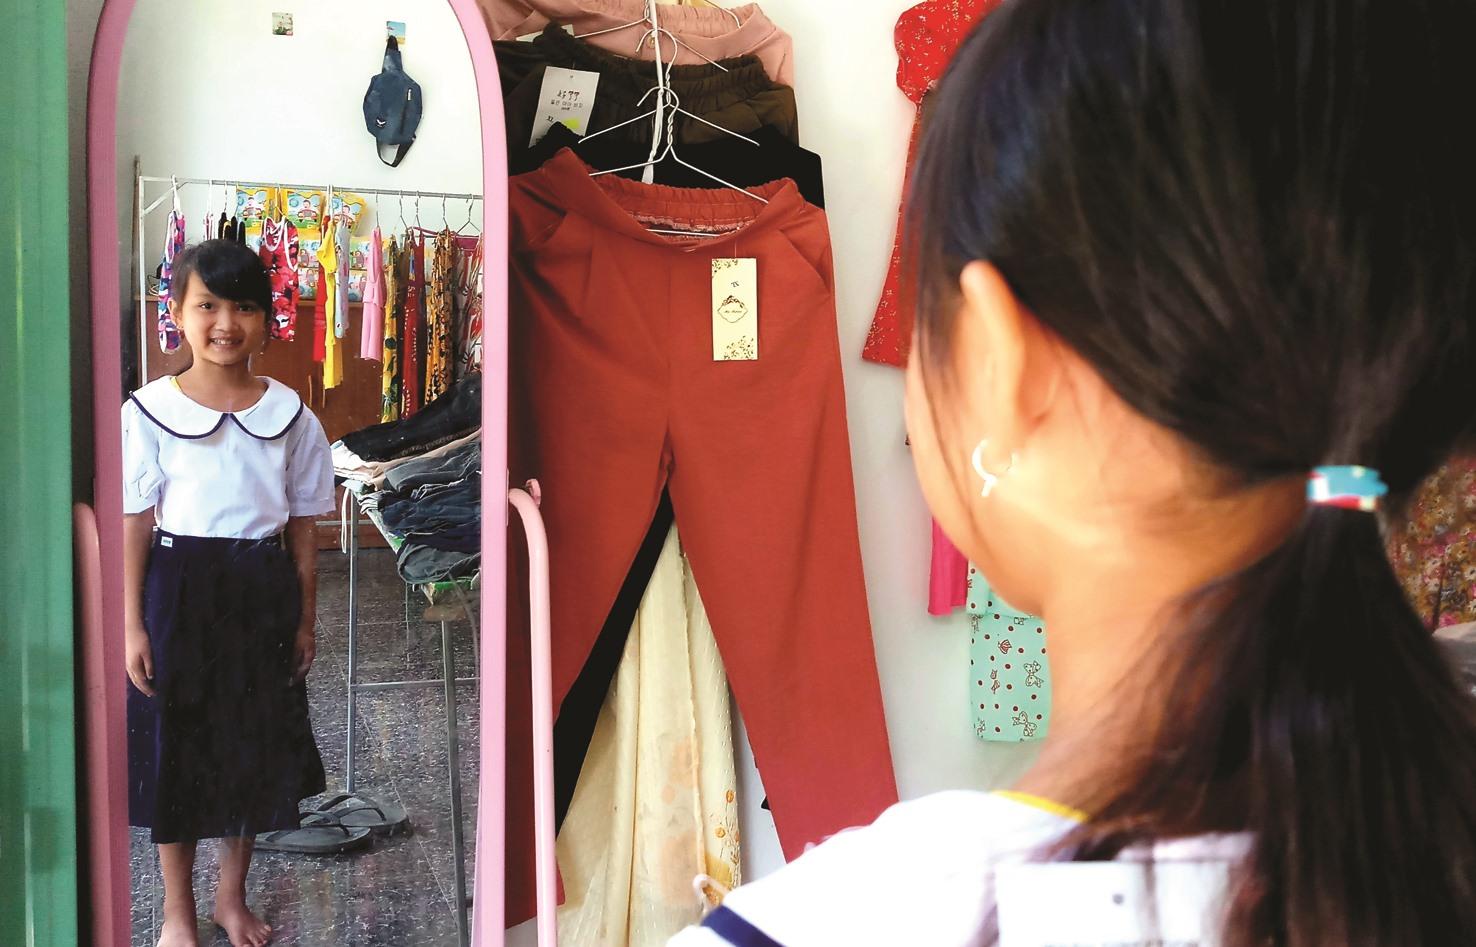 Một học sinh ở Trường Tiểu học Sông Kôn (huyện Đông Giang) ngắm nghía bộ trang phục mới.